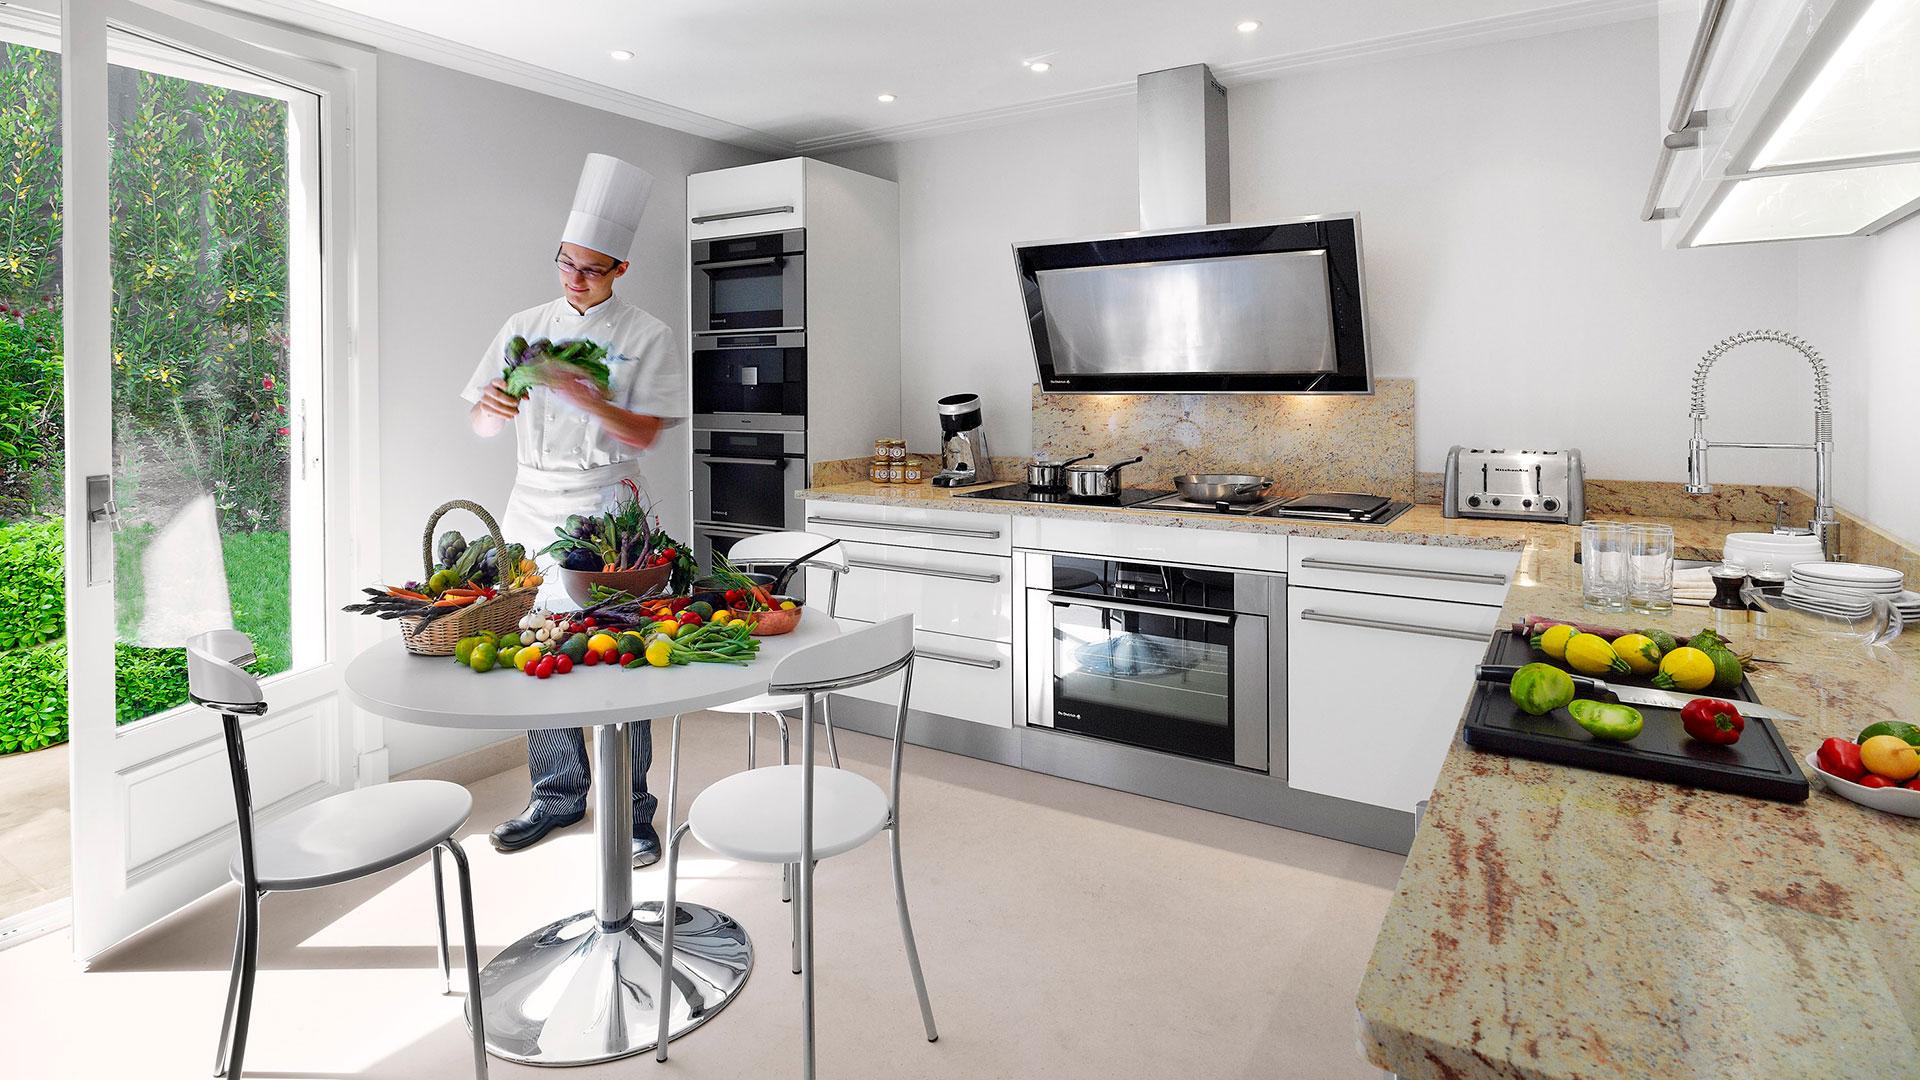 Fantastic Roc Kitchen Adornment Cabinets Ideas